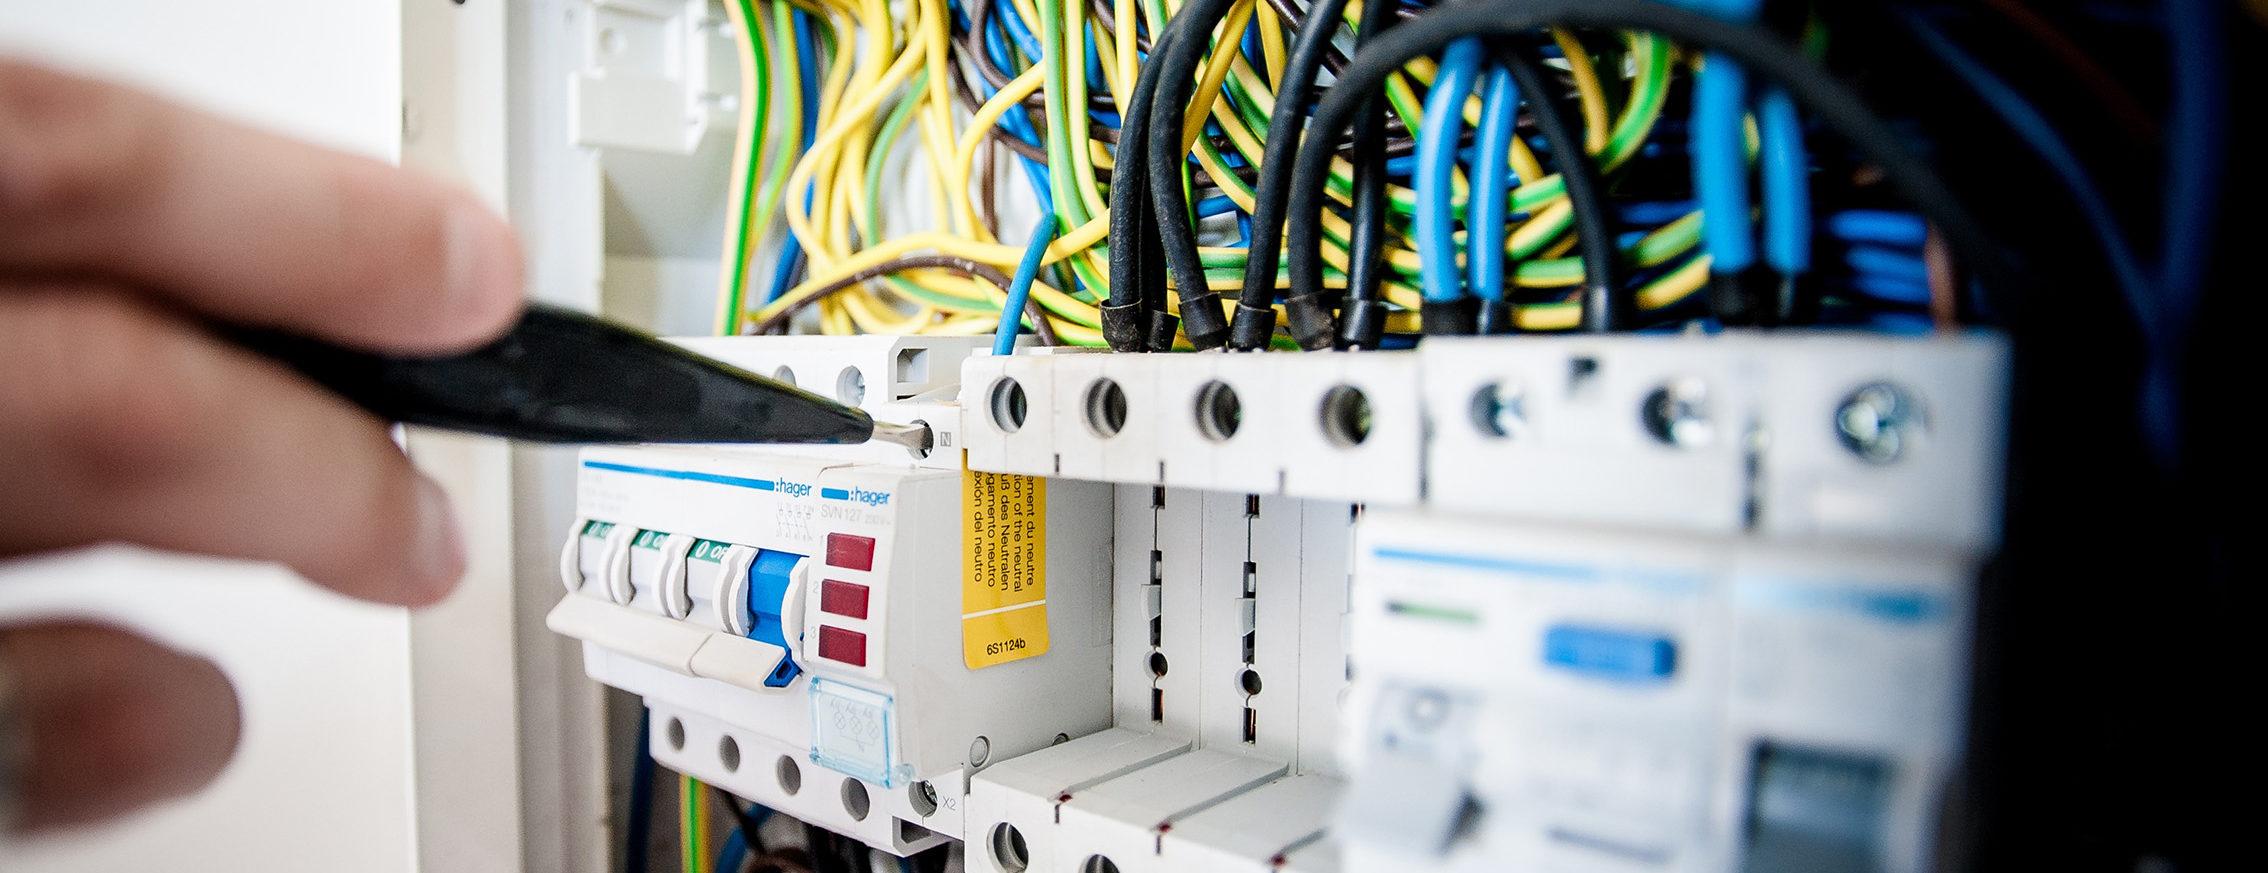 Groepenkast verdeelkast Padberg elektrotechniek